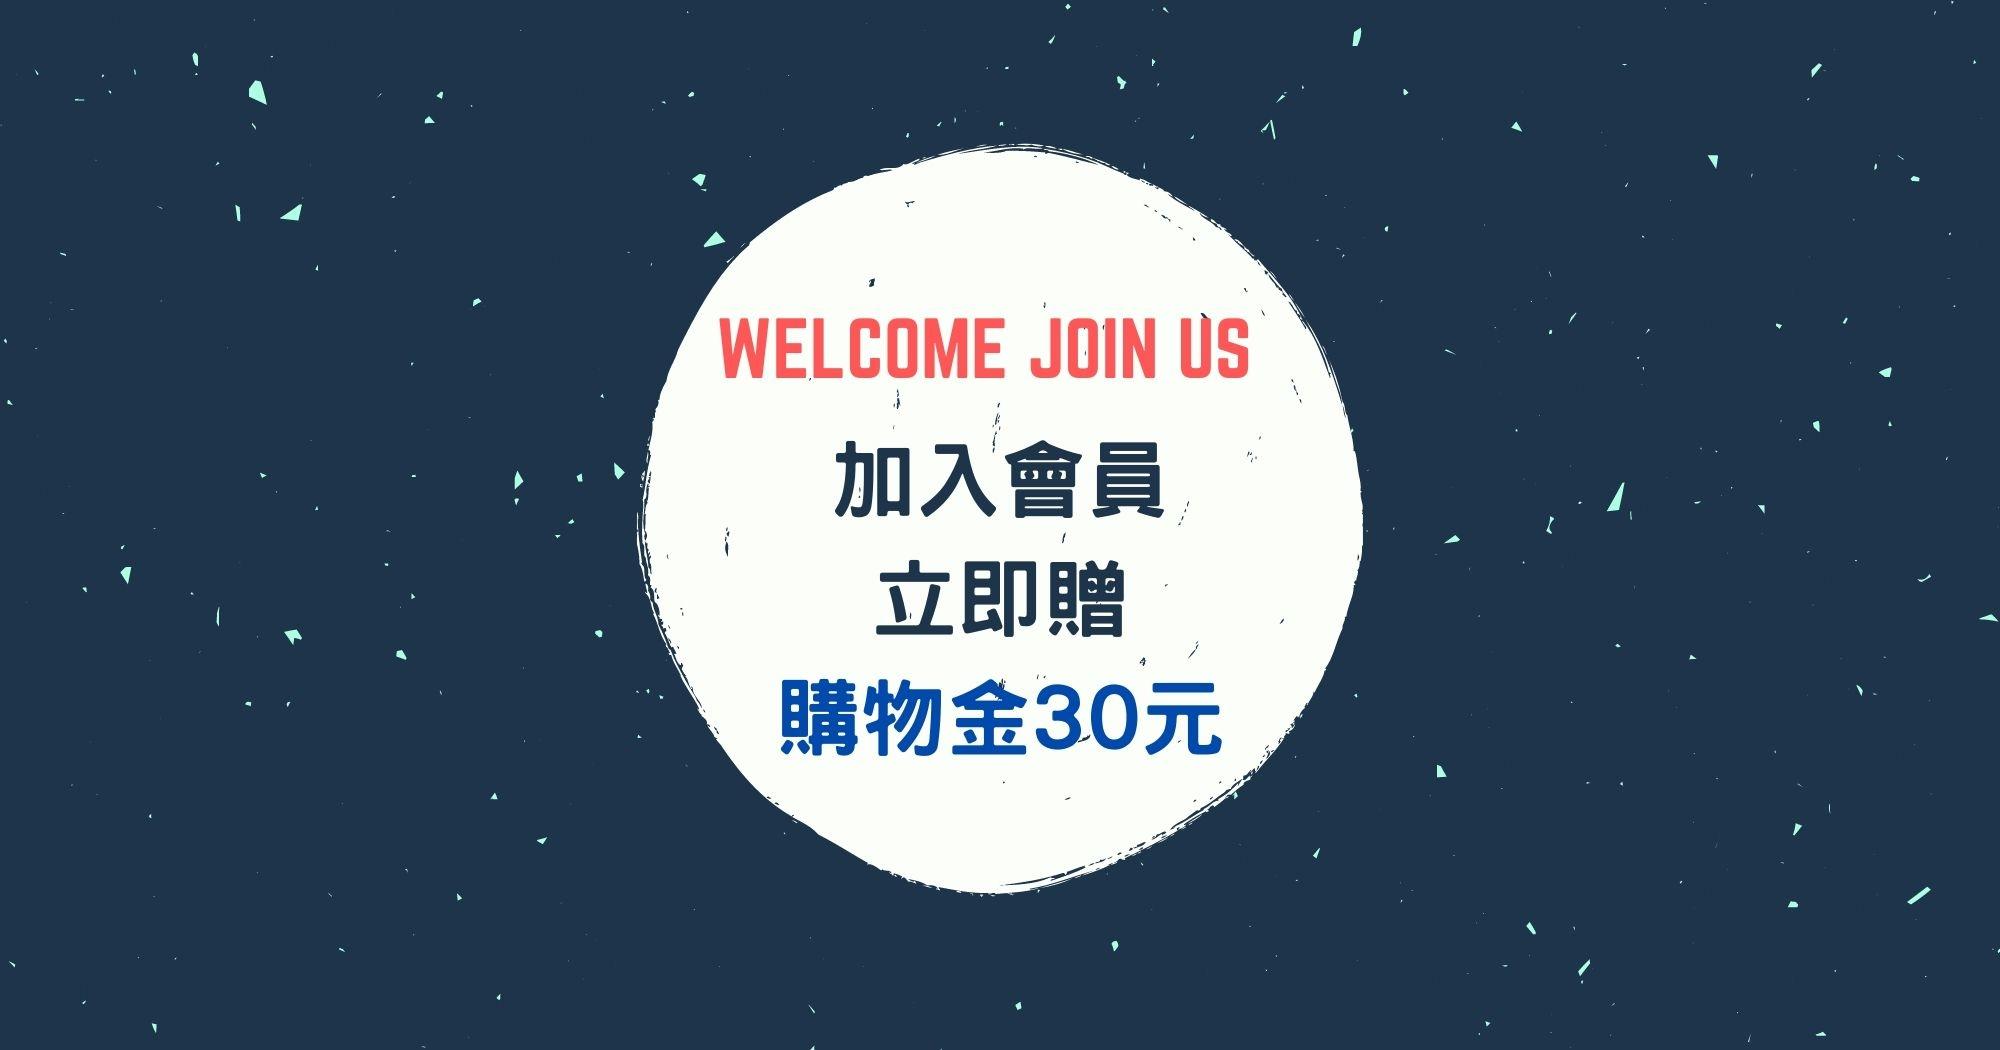 台灣旺旺官方旗艦店 加入會員